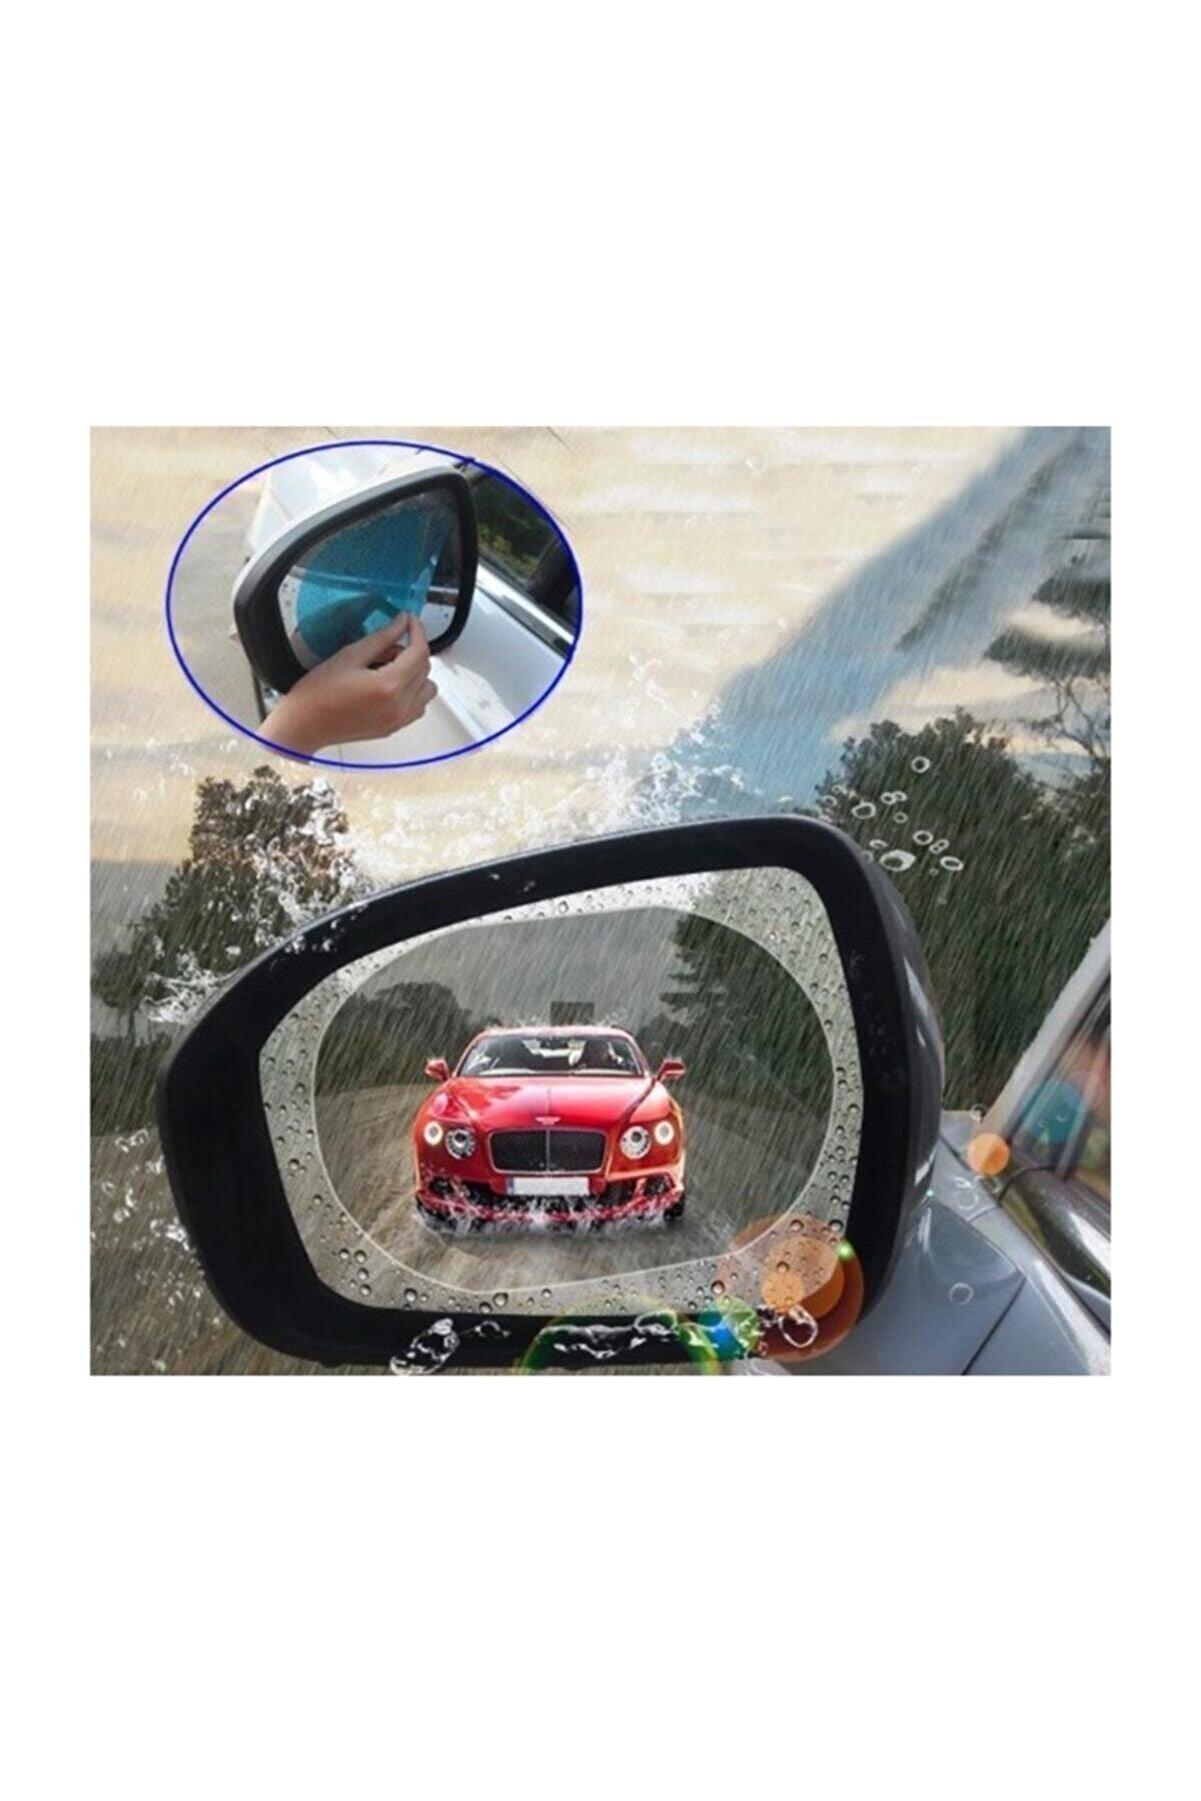 Obamoto Oto Ayna Yağmur Kaydırıcı Film + Uygulama Mendili